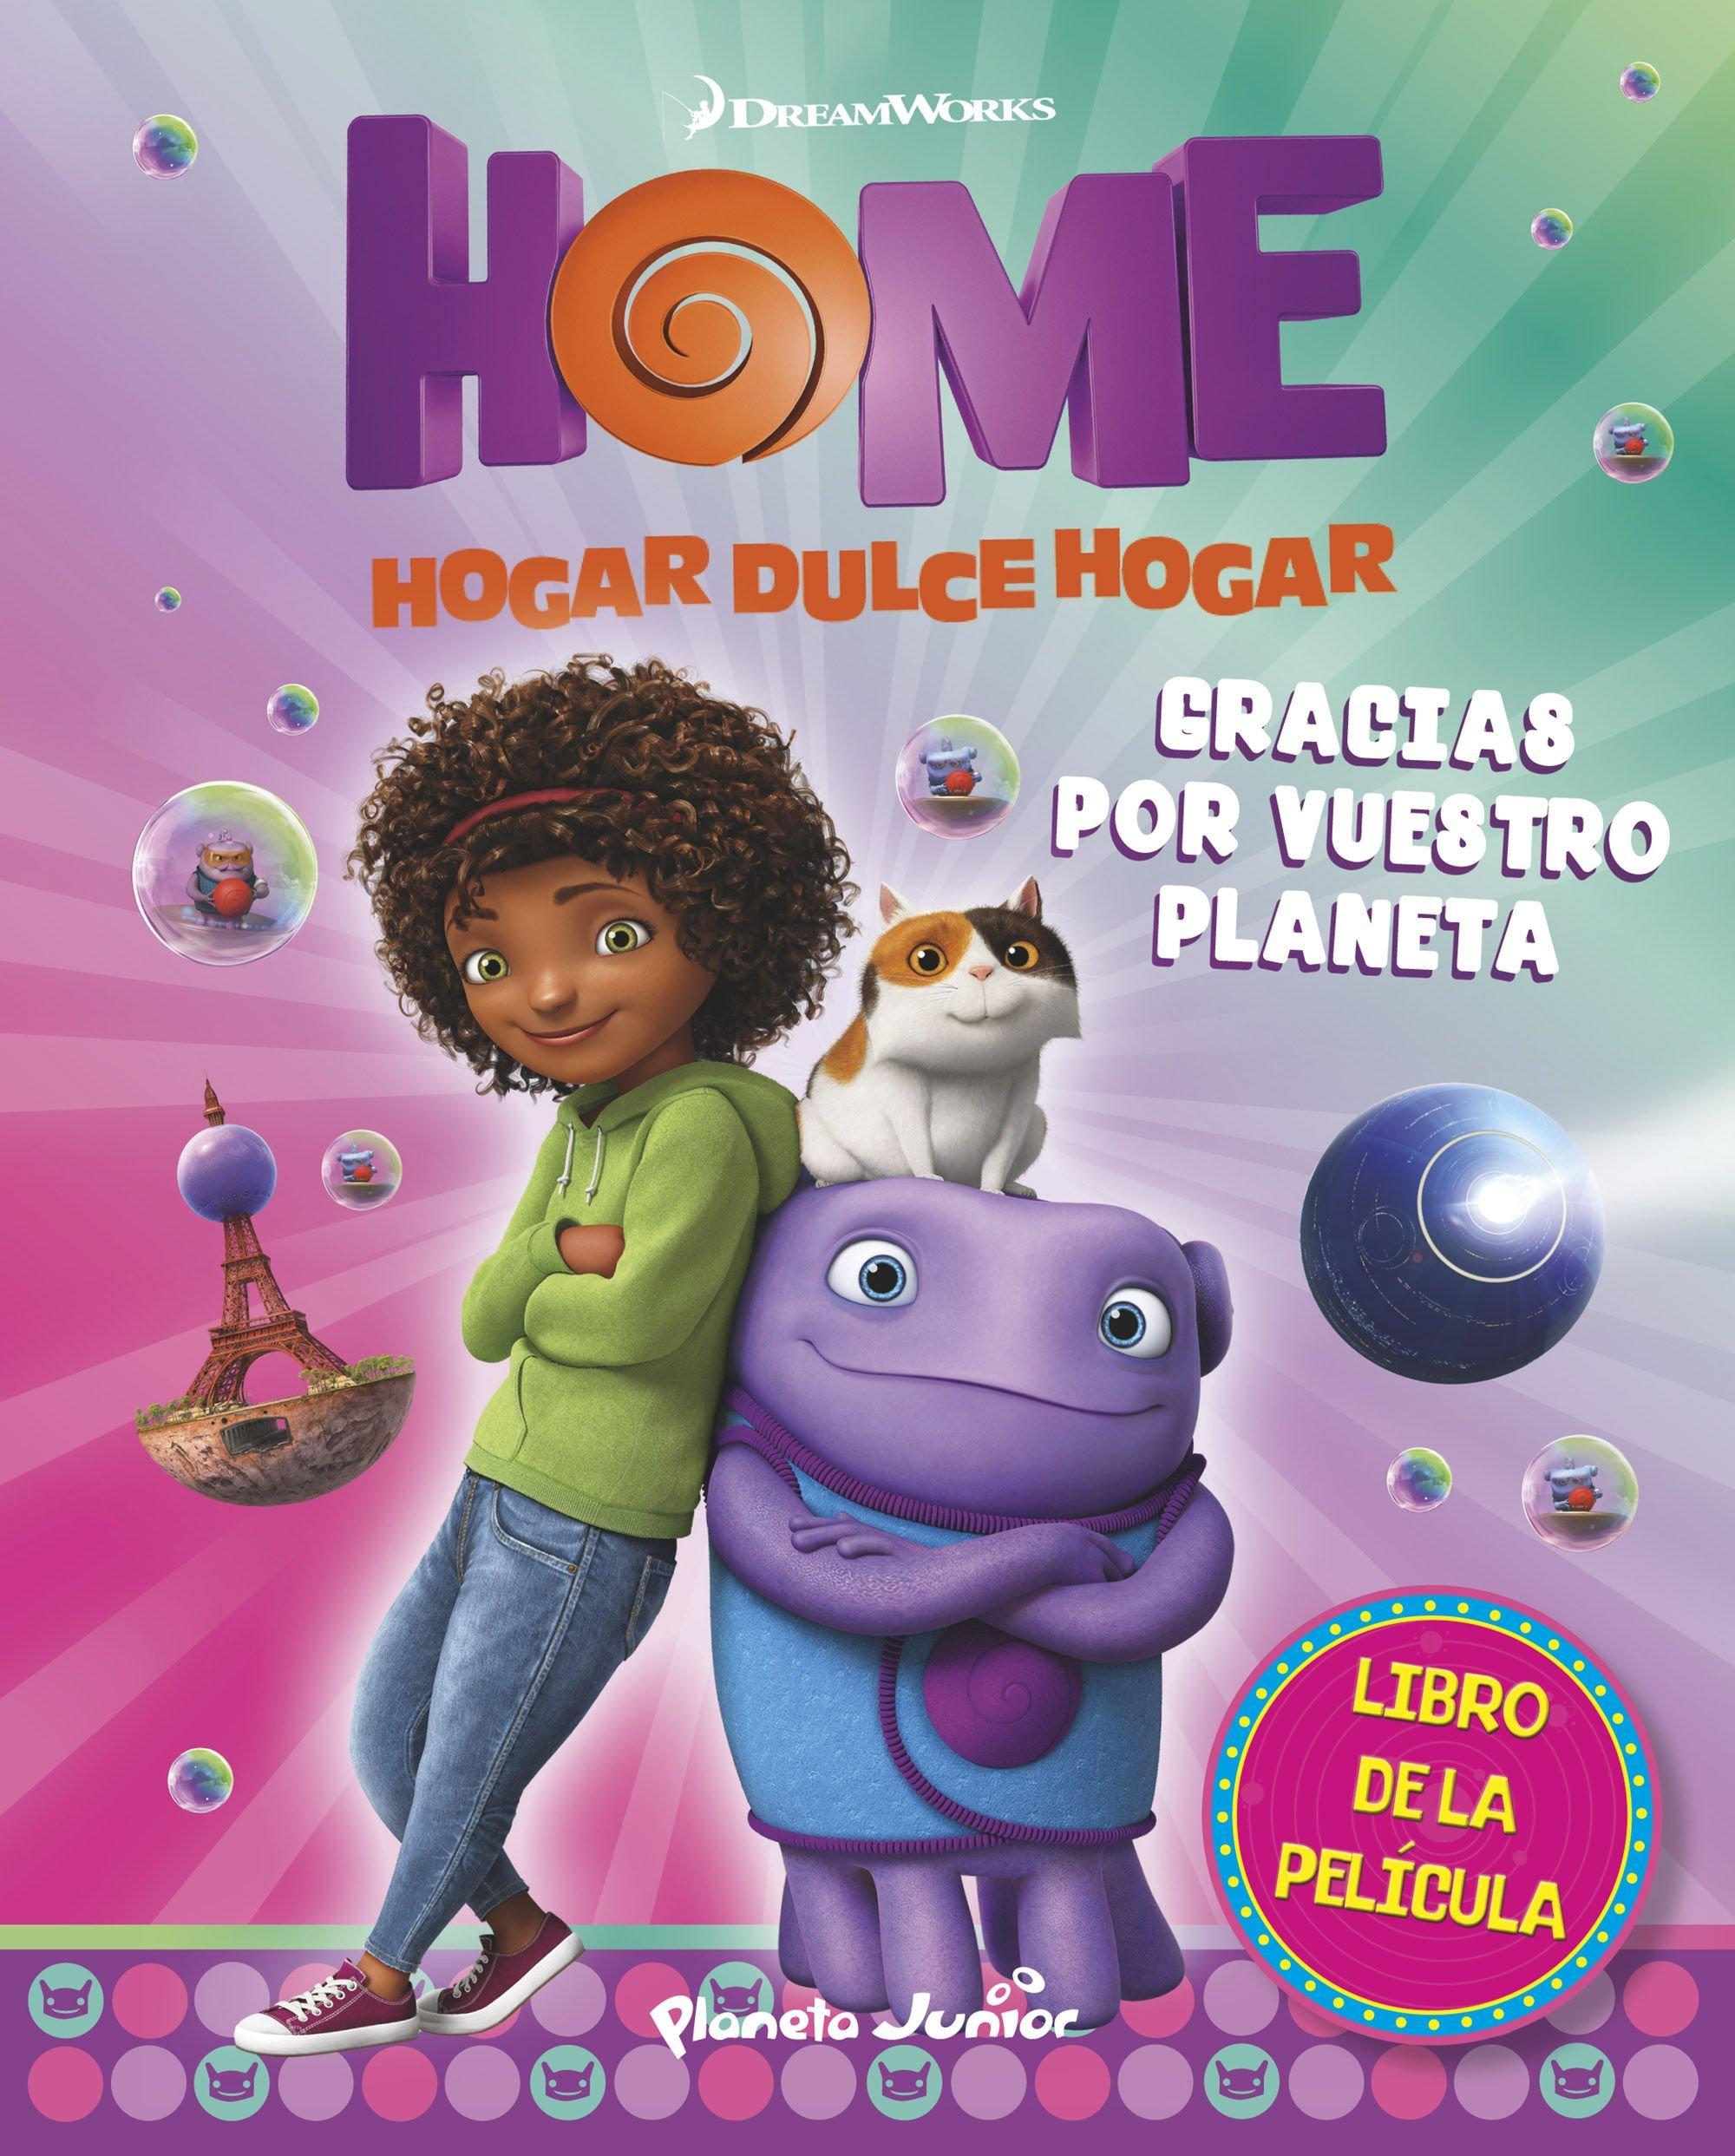 El libro de la película. Gracias por vuestro planeta: Basado en la película Home. Hogar, dulce hogar Dreamworks. Home: Amazon.es: Dreamworks, ...